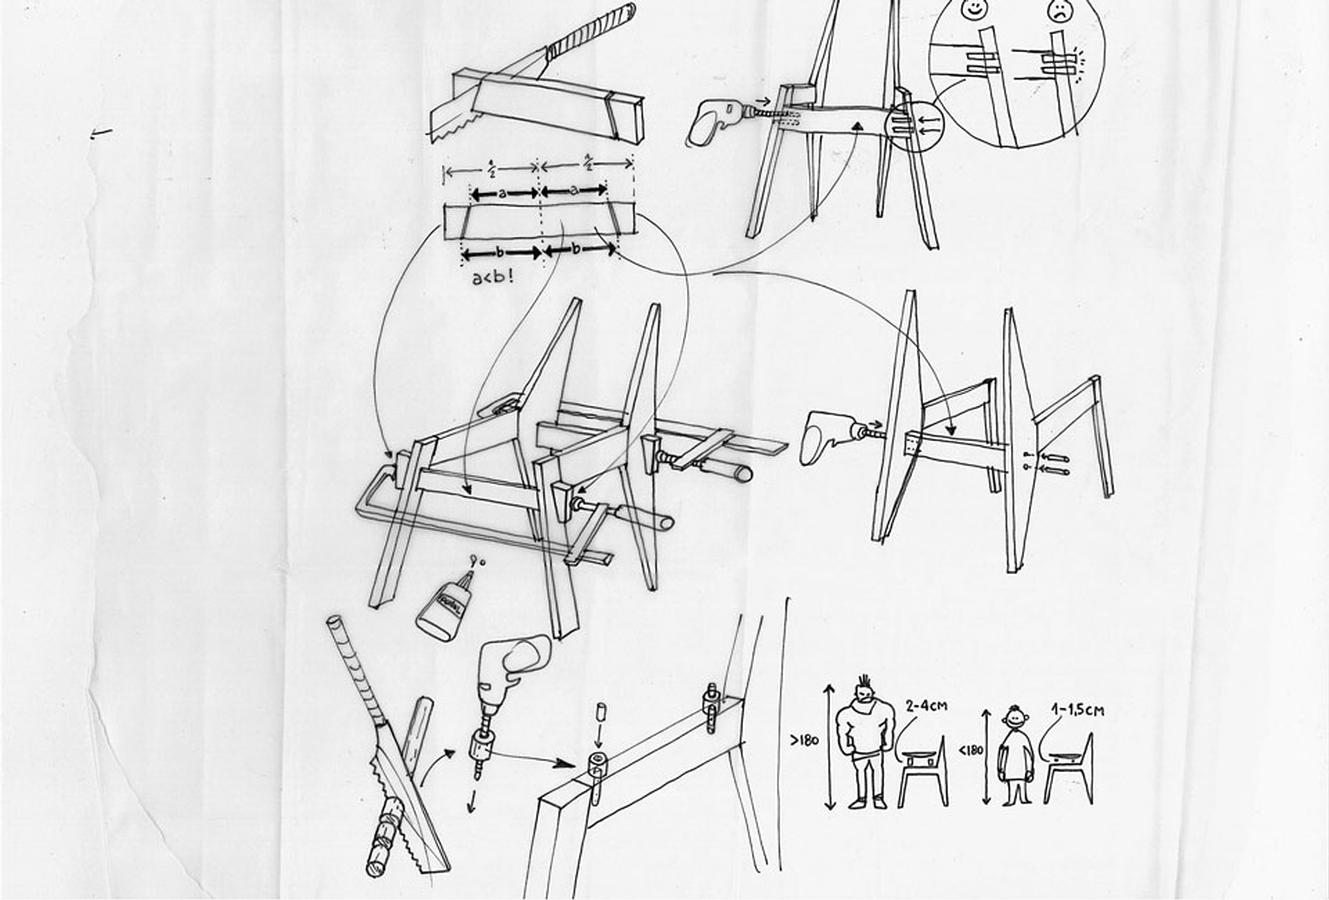 Fabulous Armadio Ikea Istruzioni Montaggio U Casamia Idea Di Immagine With  Mondo Convenienza Istruzioni Montaggio With Istruzioni Montaggio Mobili  Mondo ...